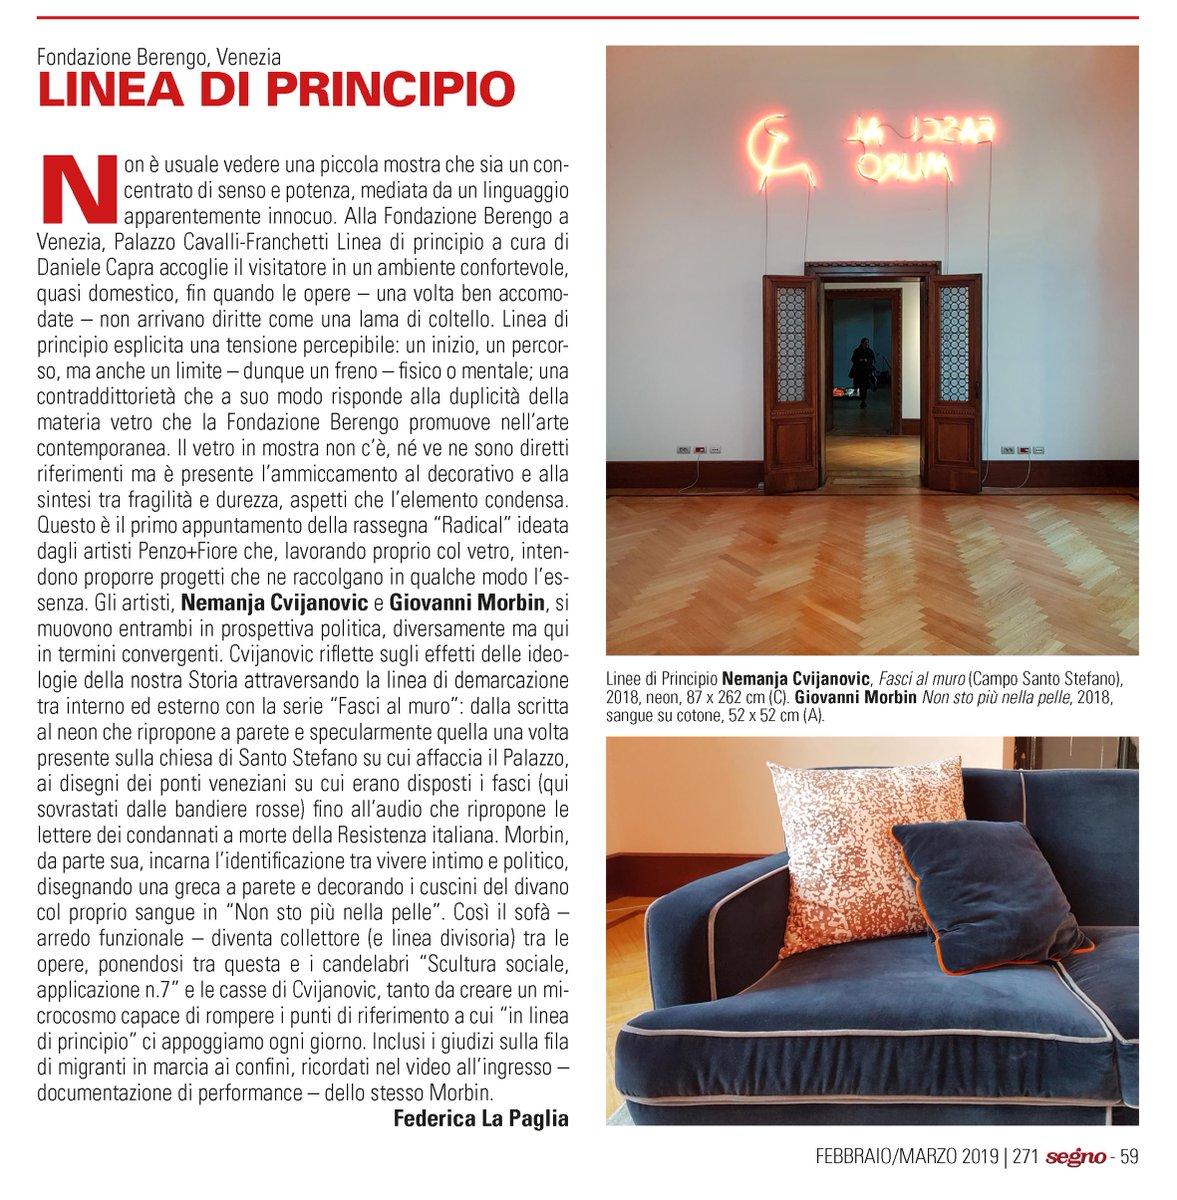 Grazie a @FedeLaPaglia e @rivistasegno per la recensione della mostra #LineaDiPrincipio con opere di #NemanjaCvijanovic e #GiovanniMorbin che ho curato per la @FondBerengo a Venezia. #ArteContemporanea #curatore